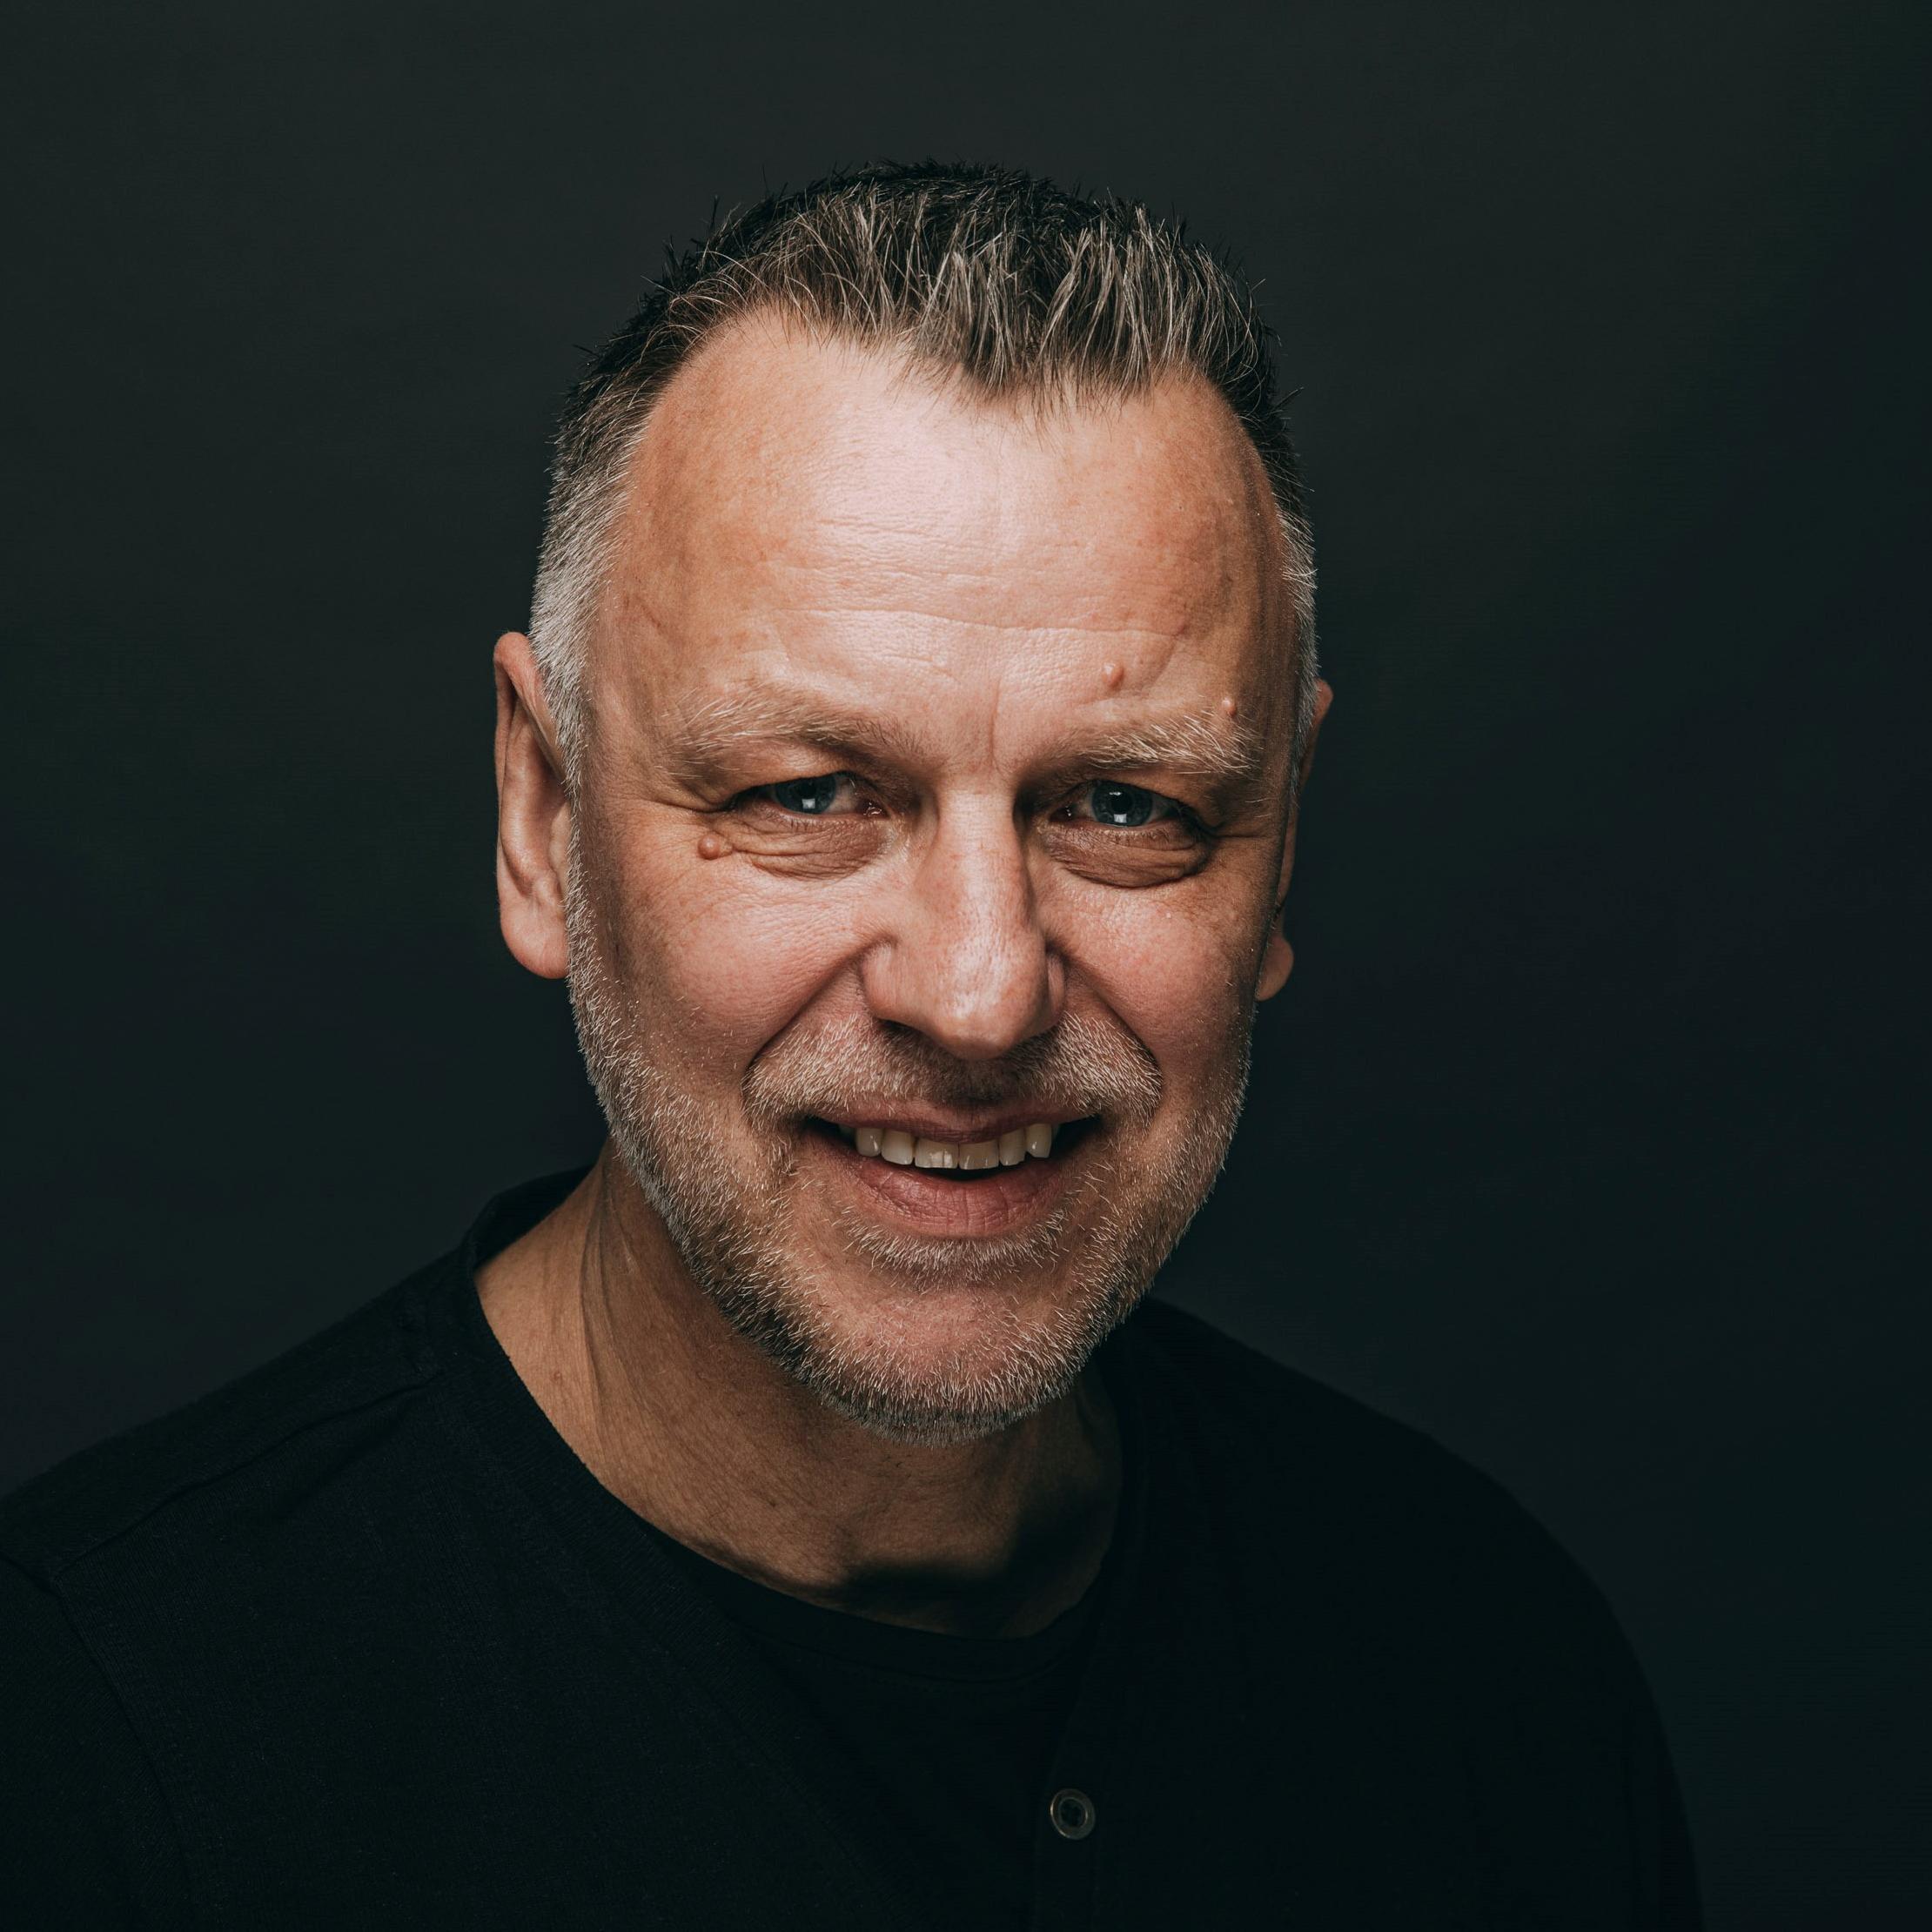 Klaus Schenkmann